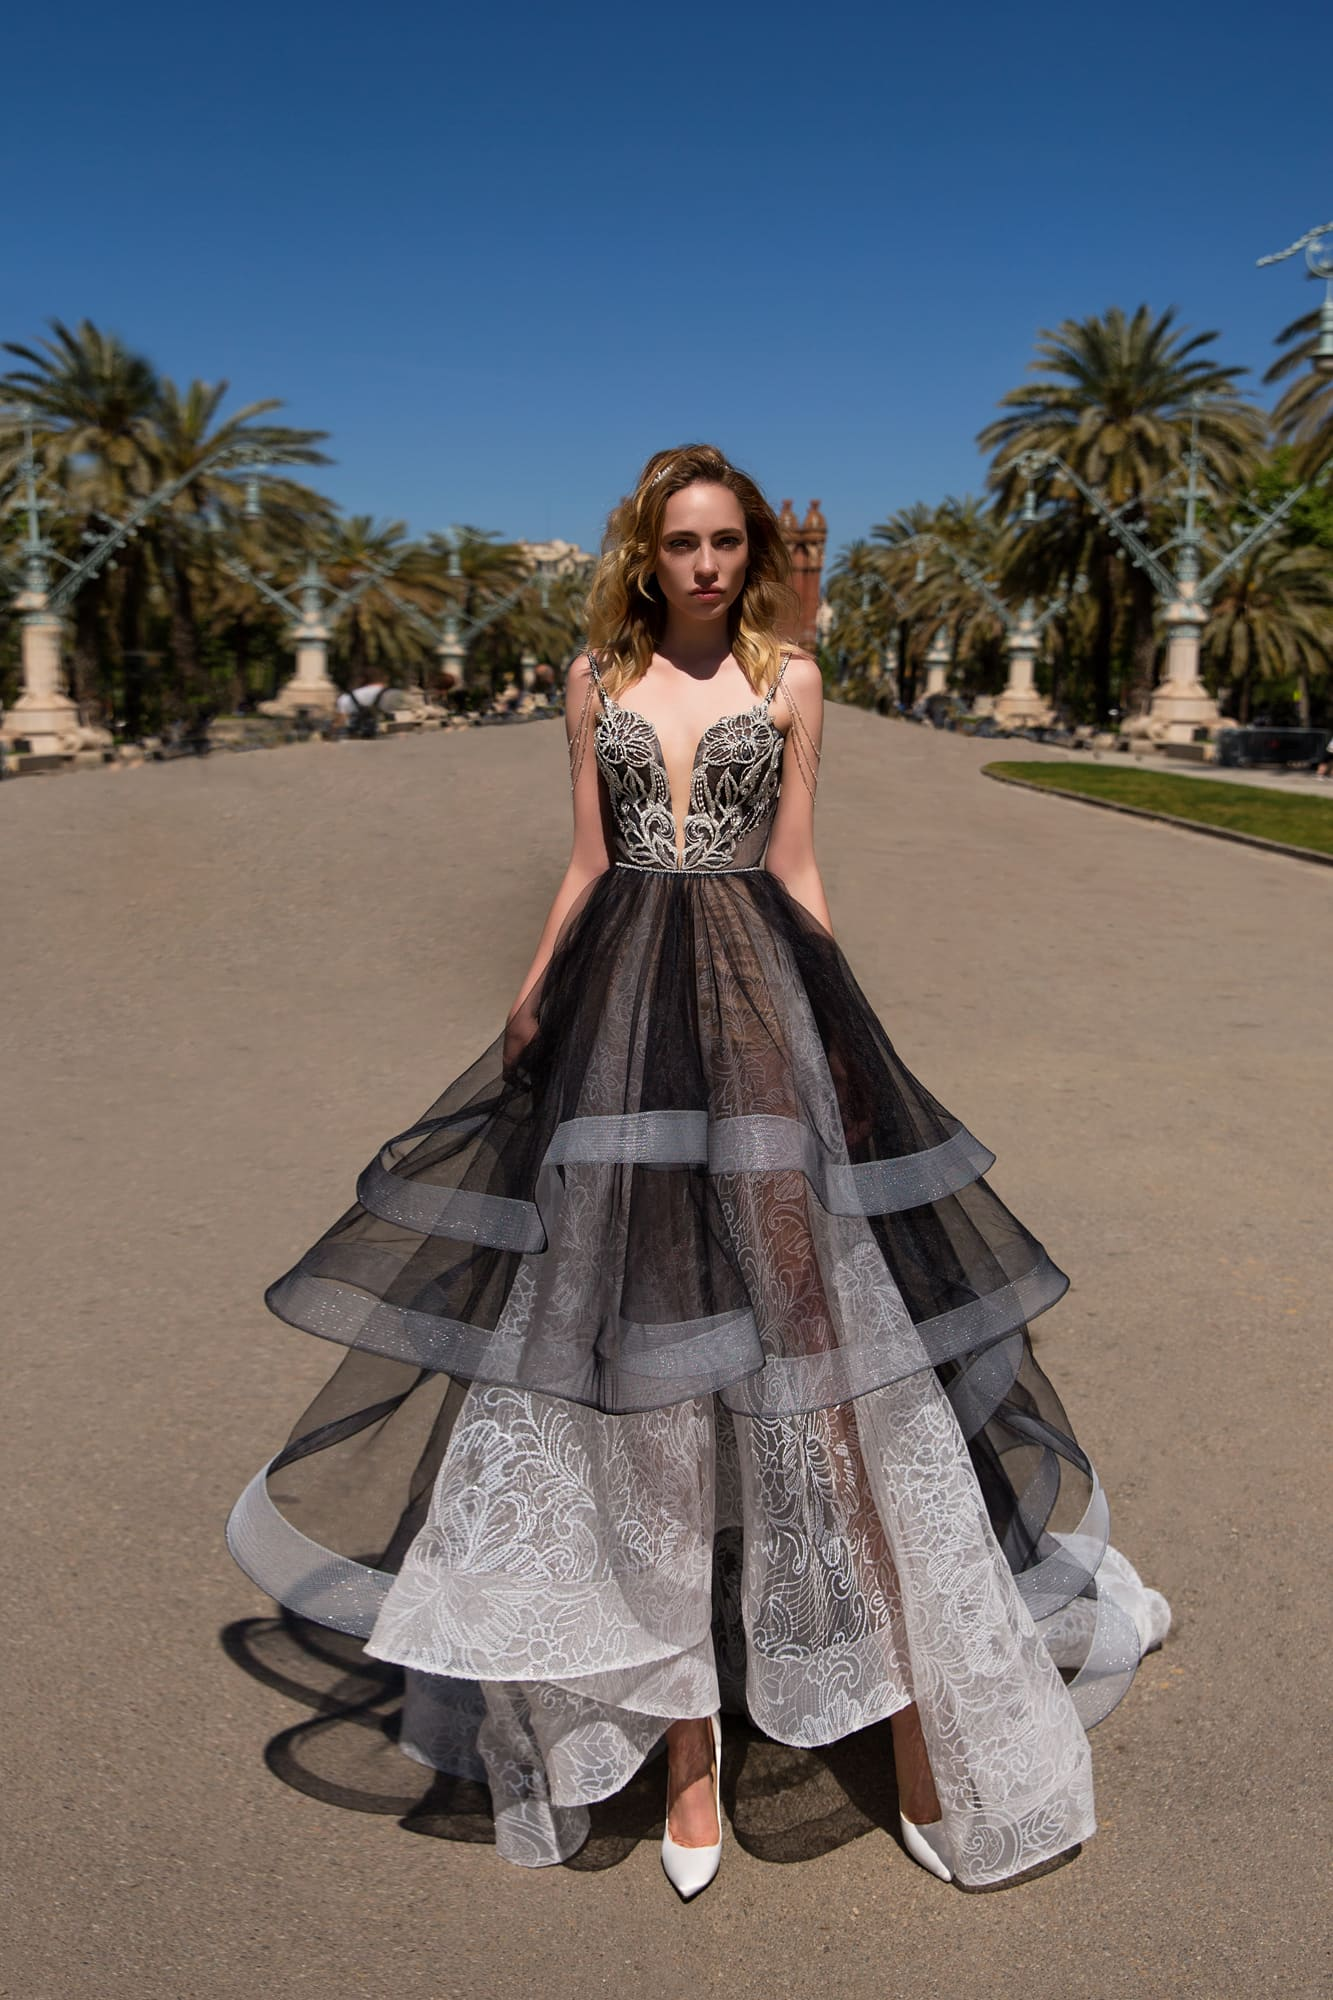 e79571a6f20 Необычное вечернее платье Pollardi Rambla. Купить вечернее платье в ...